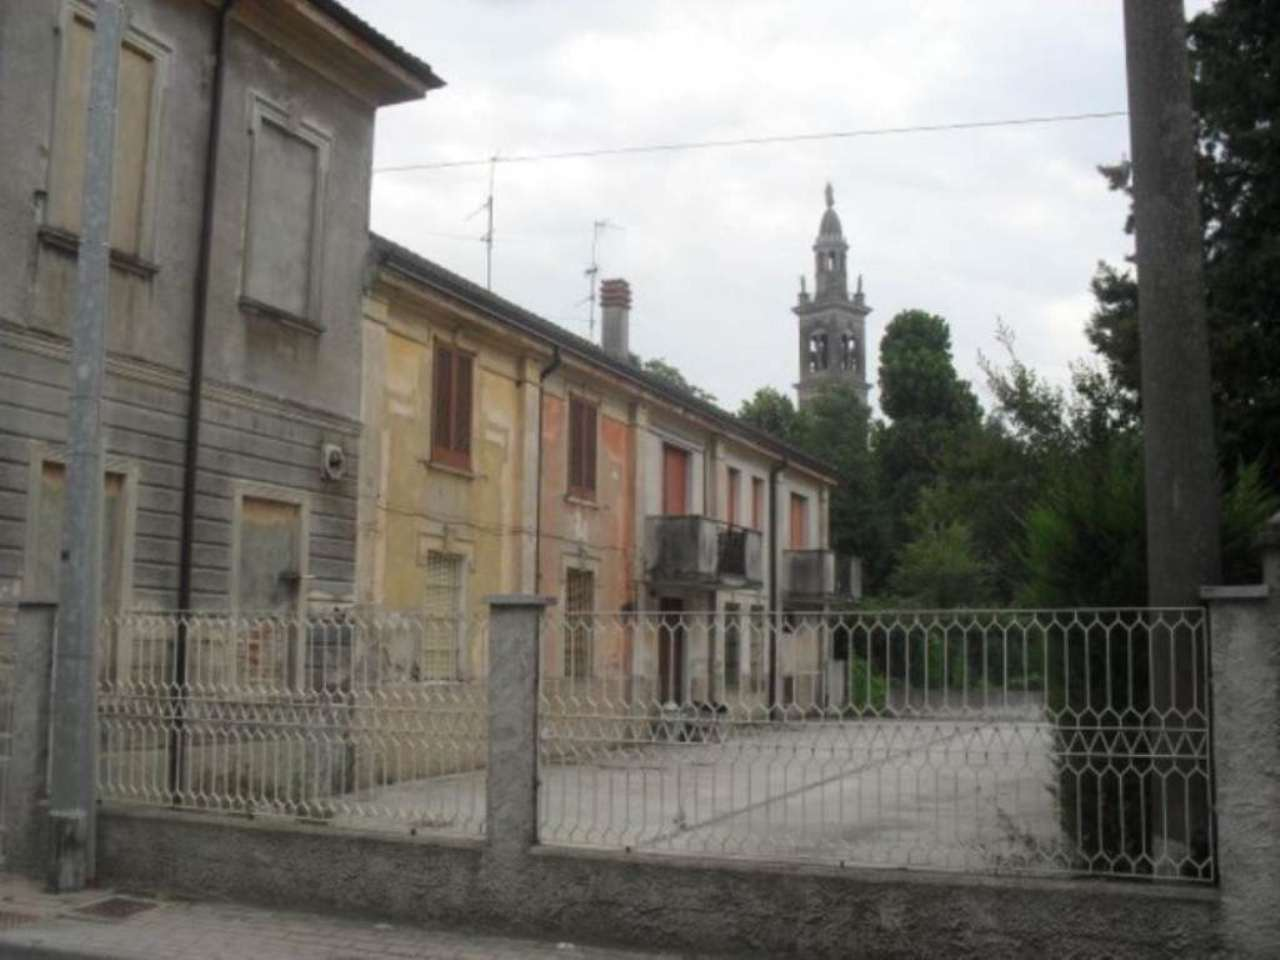 Palazzo / Stabile in vendita a Trigolo, 6 locali, prezzo € 180.000 | CambioCasa.it